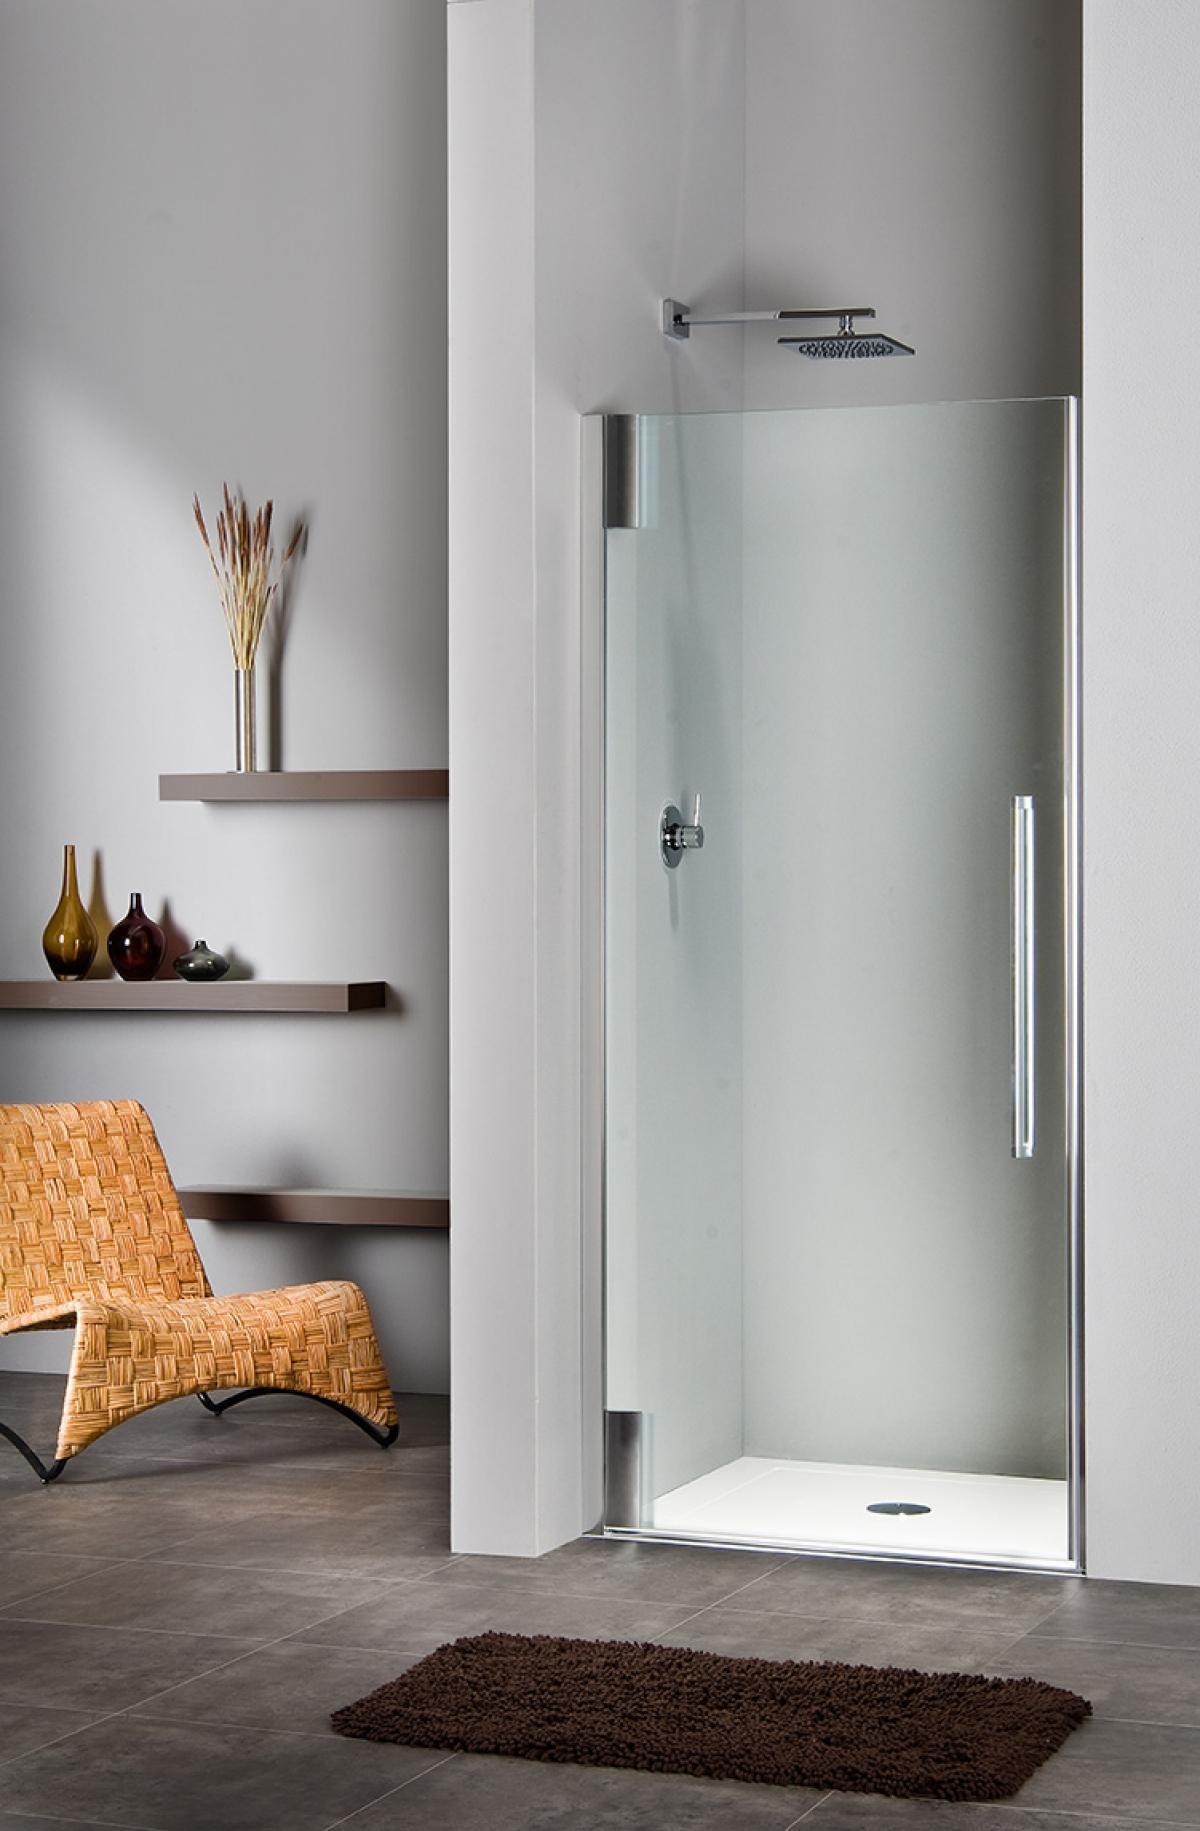 porte battante de douche princess 4000 duka induscabel salle de bains chauffage et cuisine. Black Bedroom Furniture Sets. Home Design Ideas